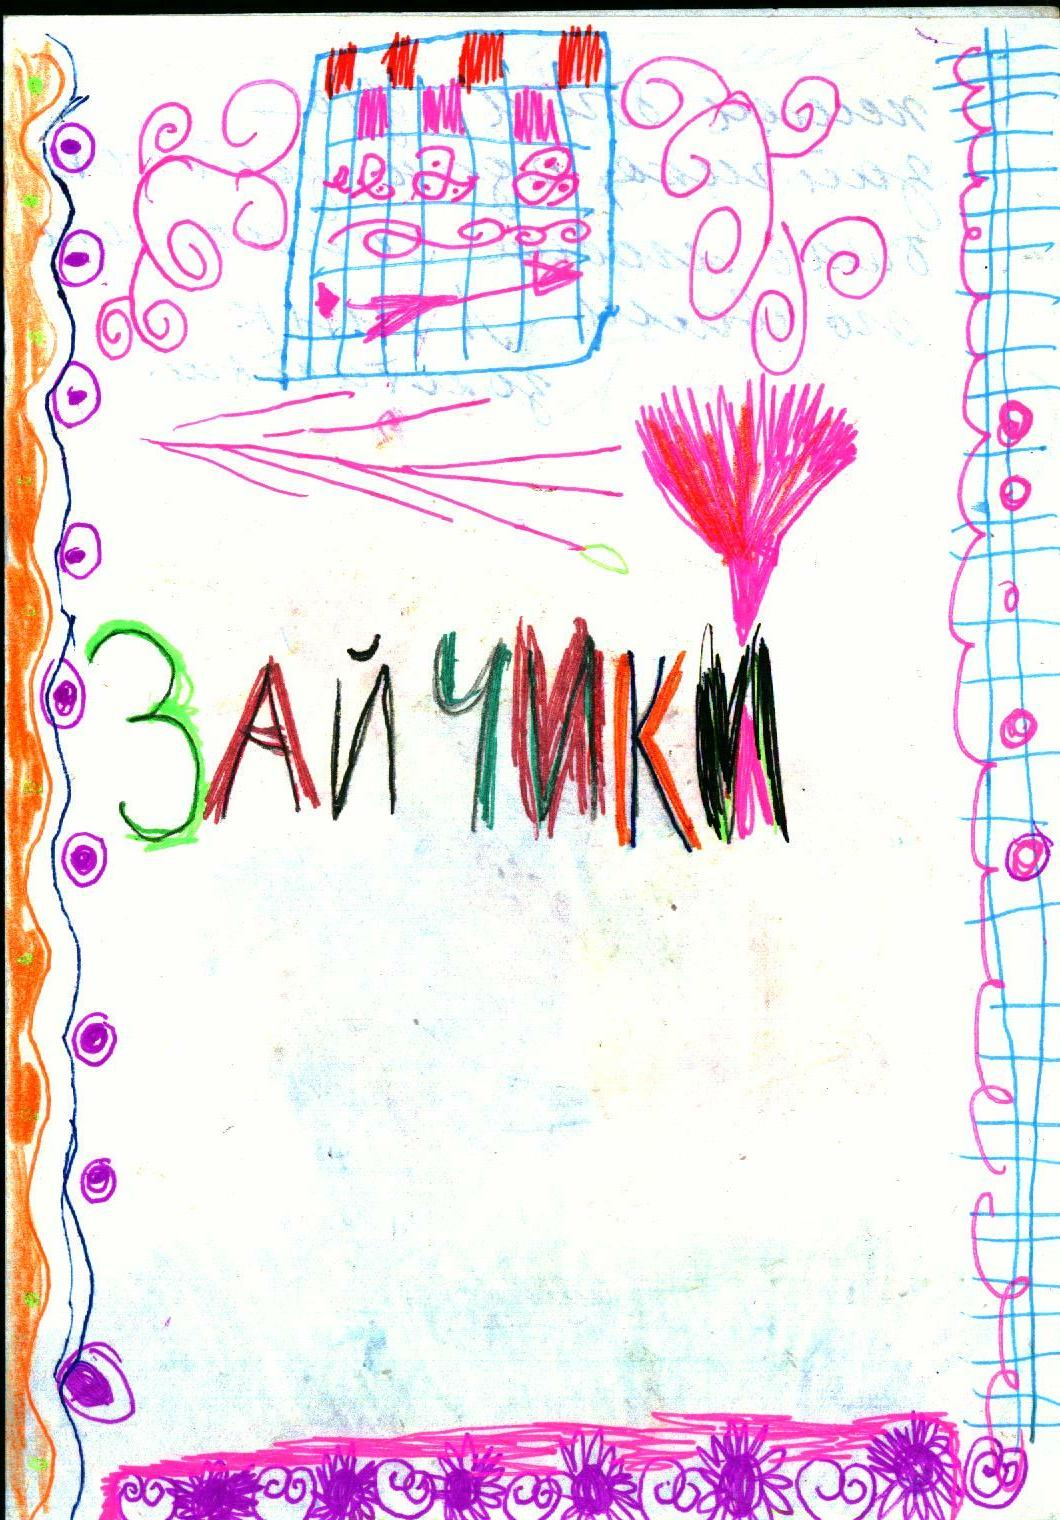 Полиграфическая продукция - одна из форм в работе с одаренными детьми Zajka